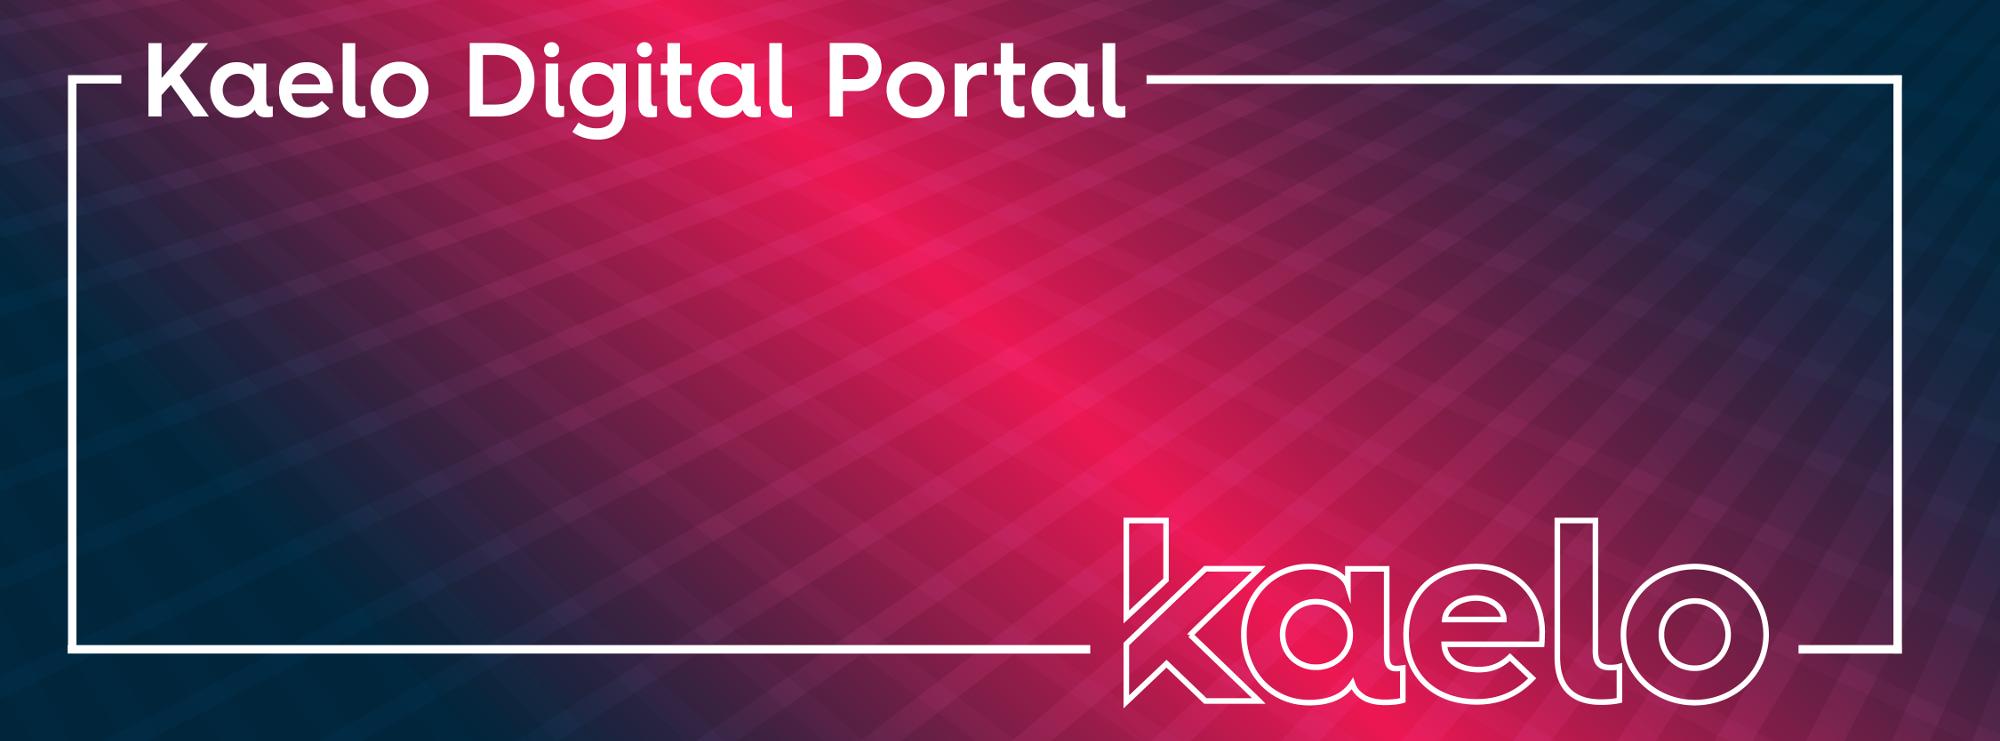 Kaelo Log In Portal